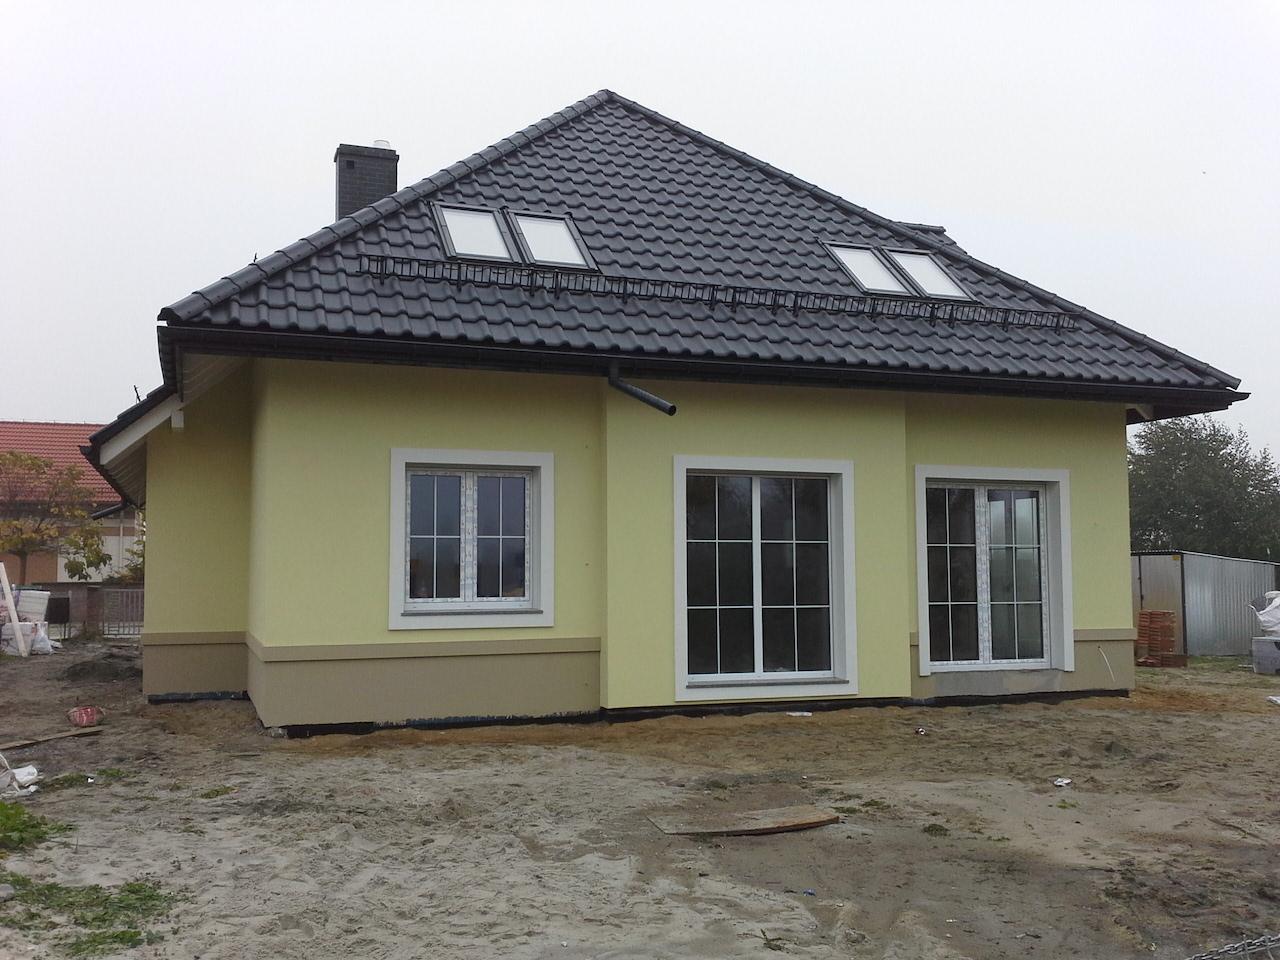 Budowa domu jednorodzinnego wolnostojącego w Krzykowie